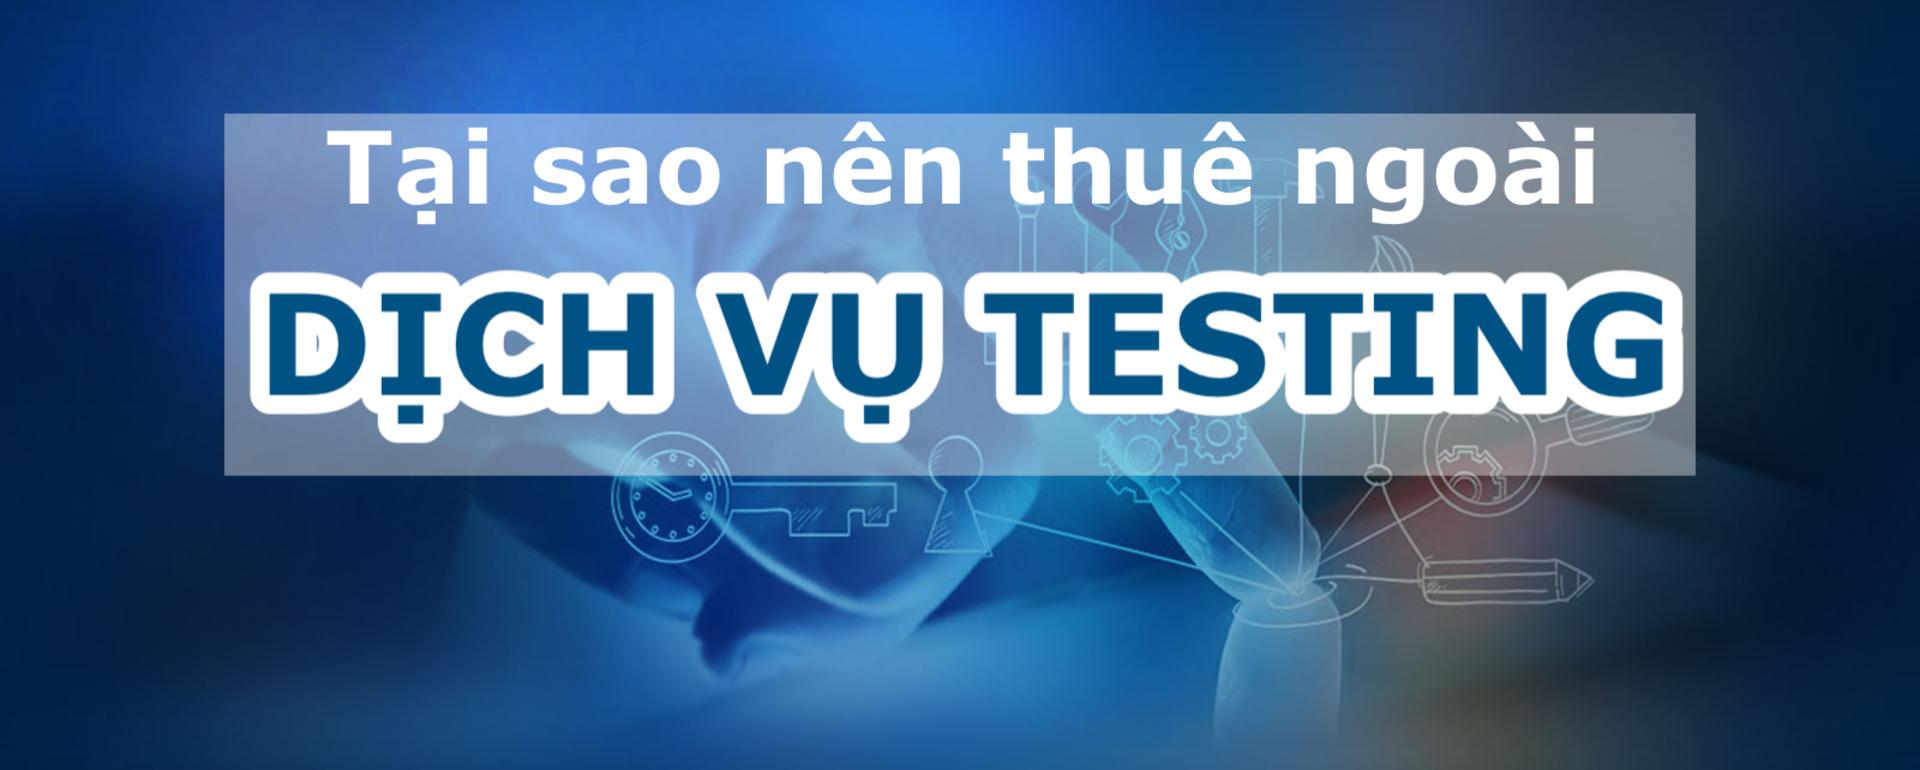 dich vu testing 11